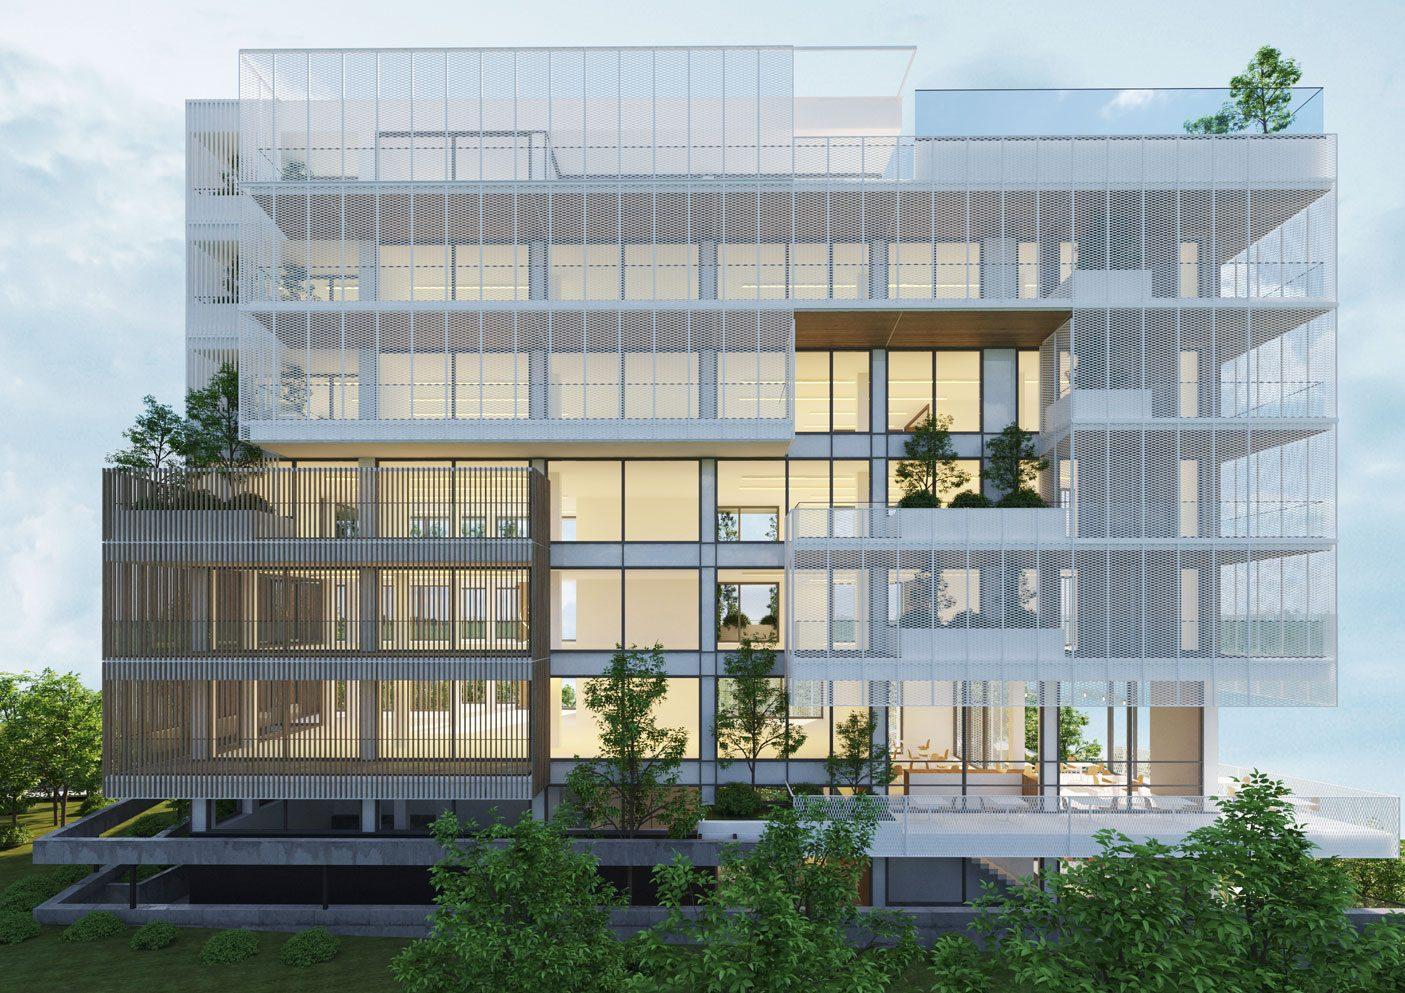 02_Seaside-Apartments.jpg